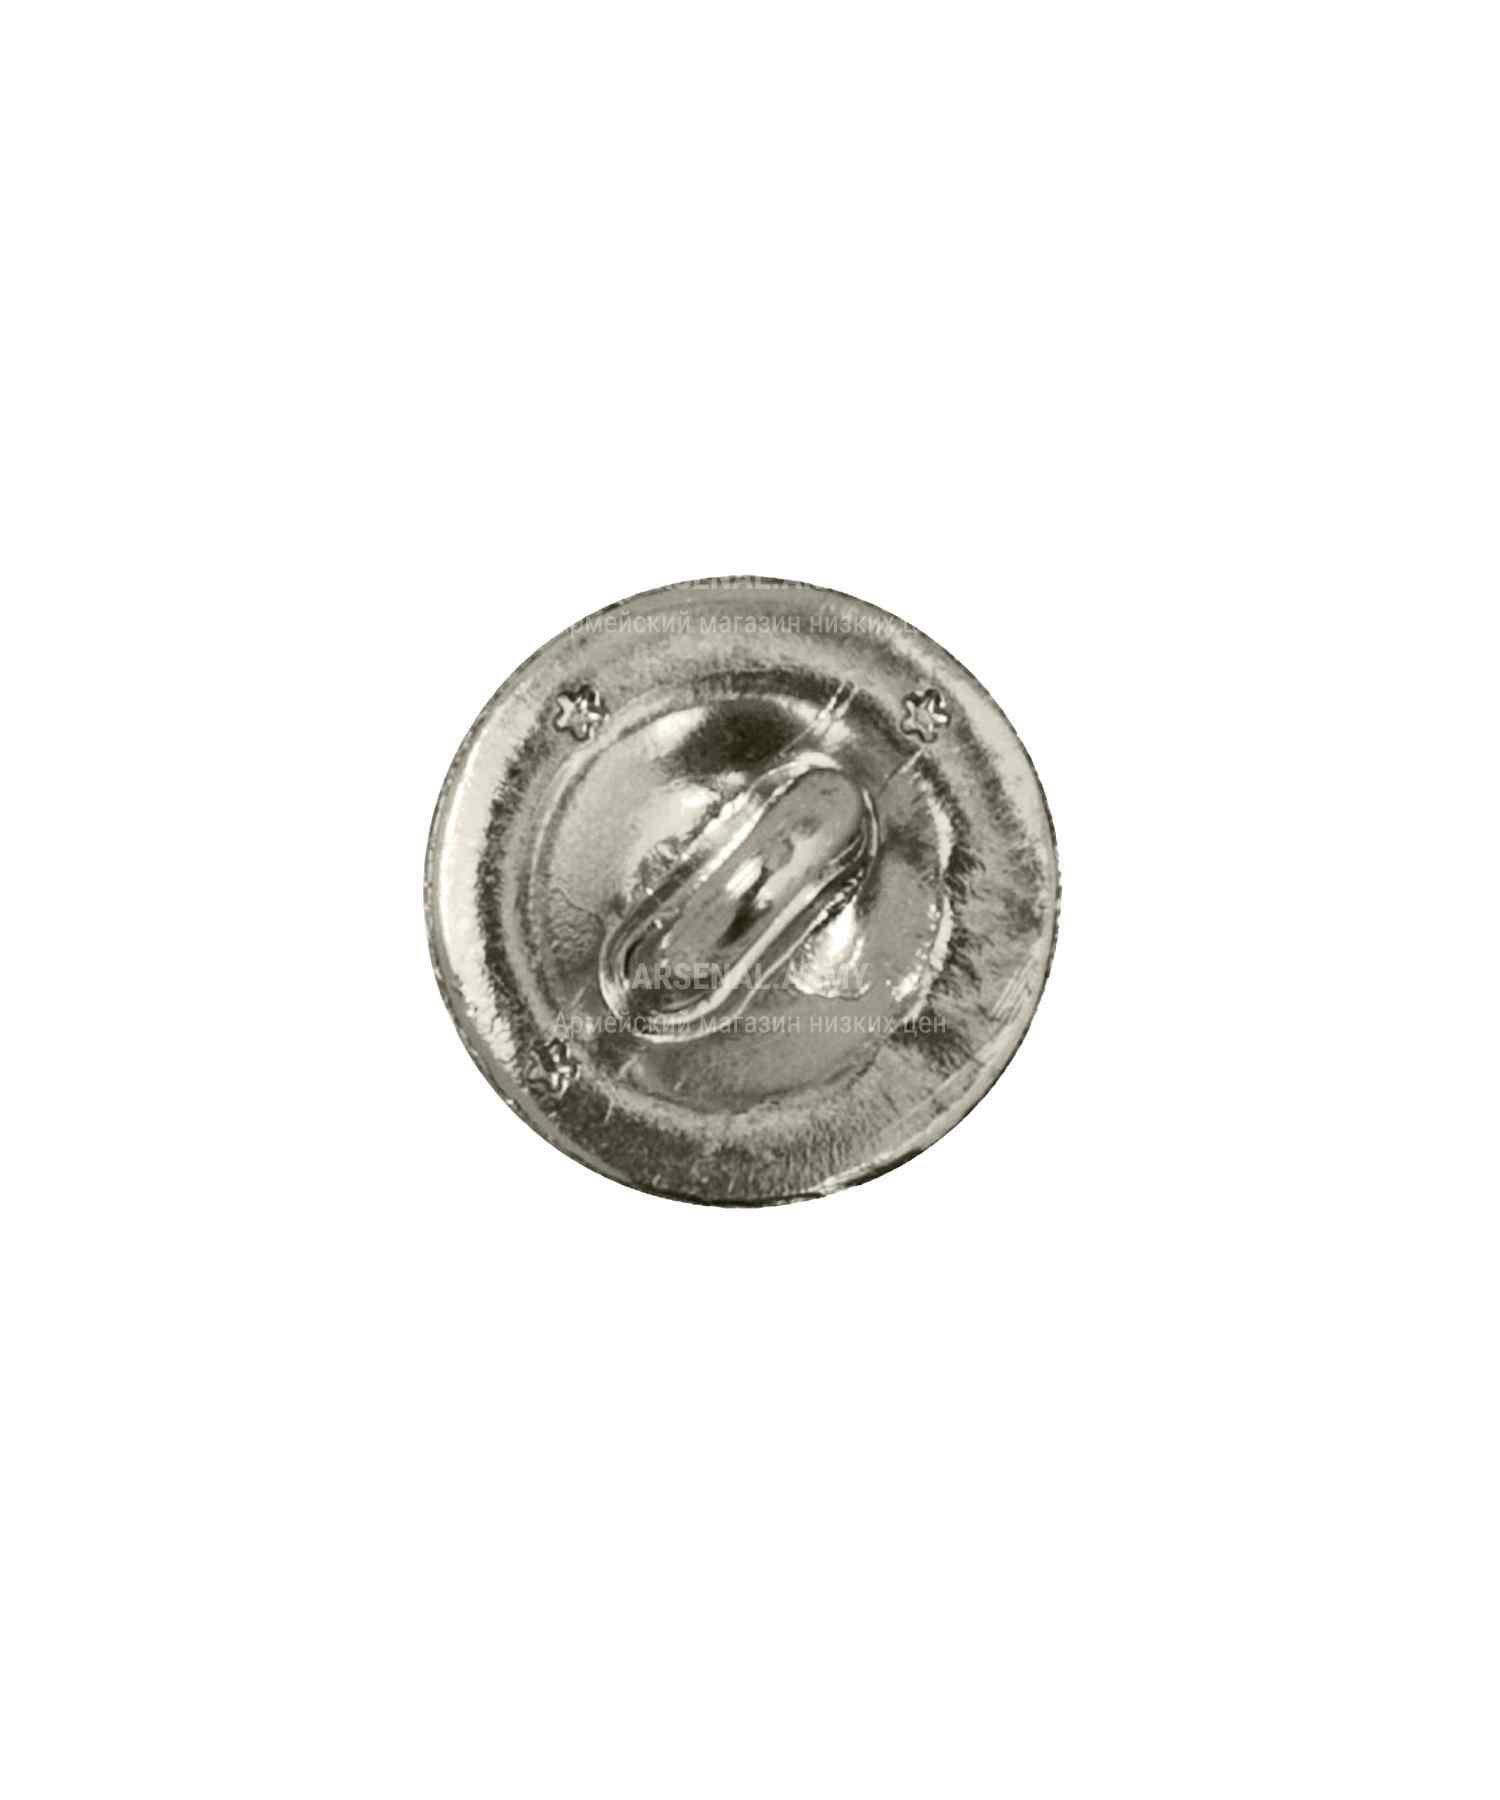 Пуговица ФСИН 14 мм